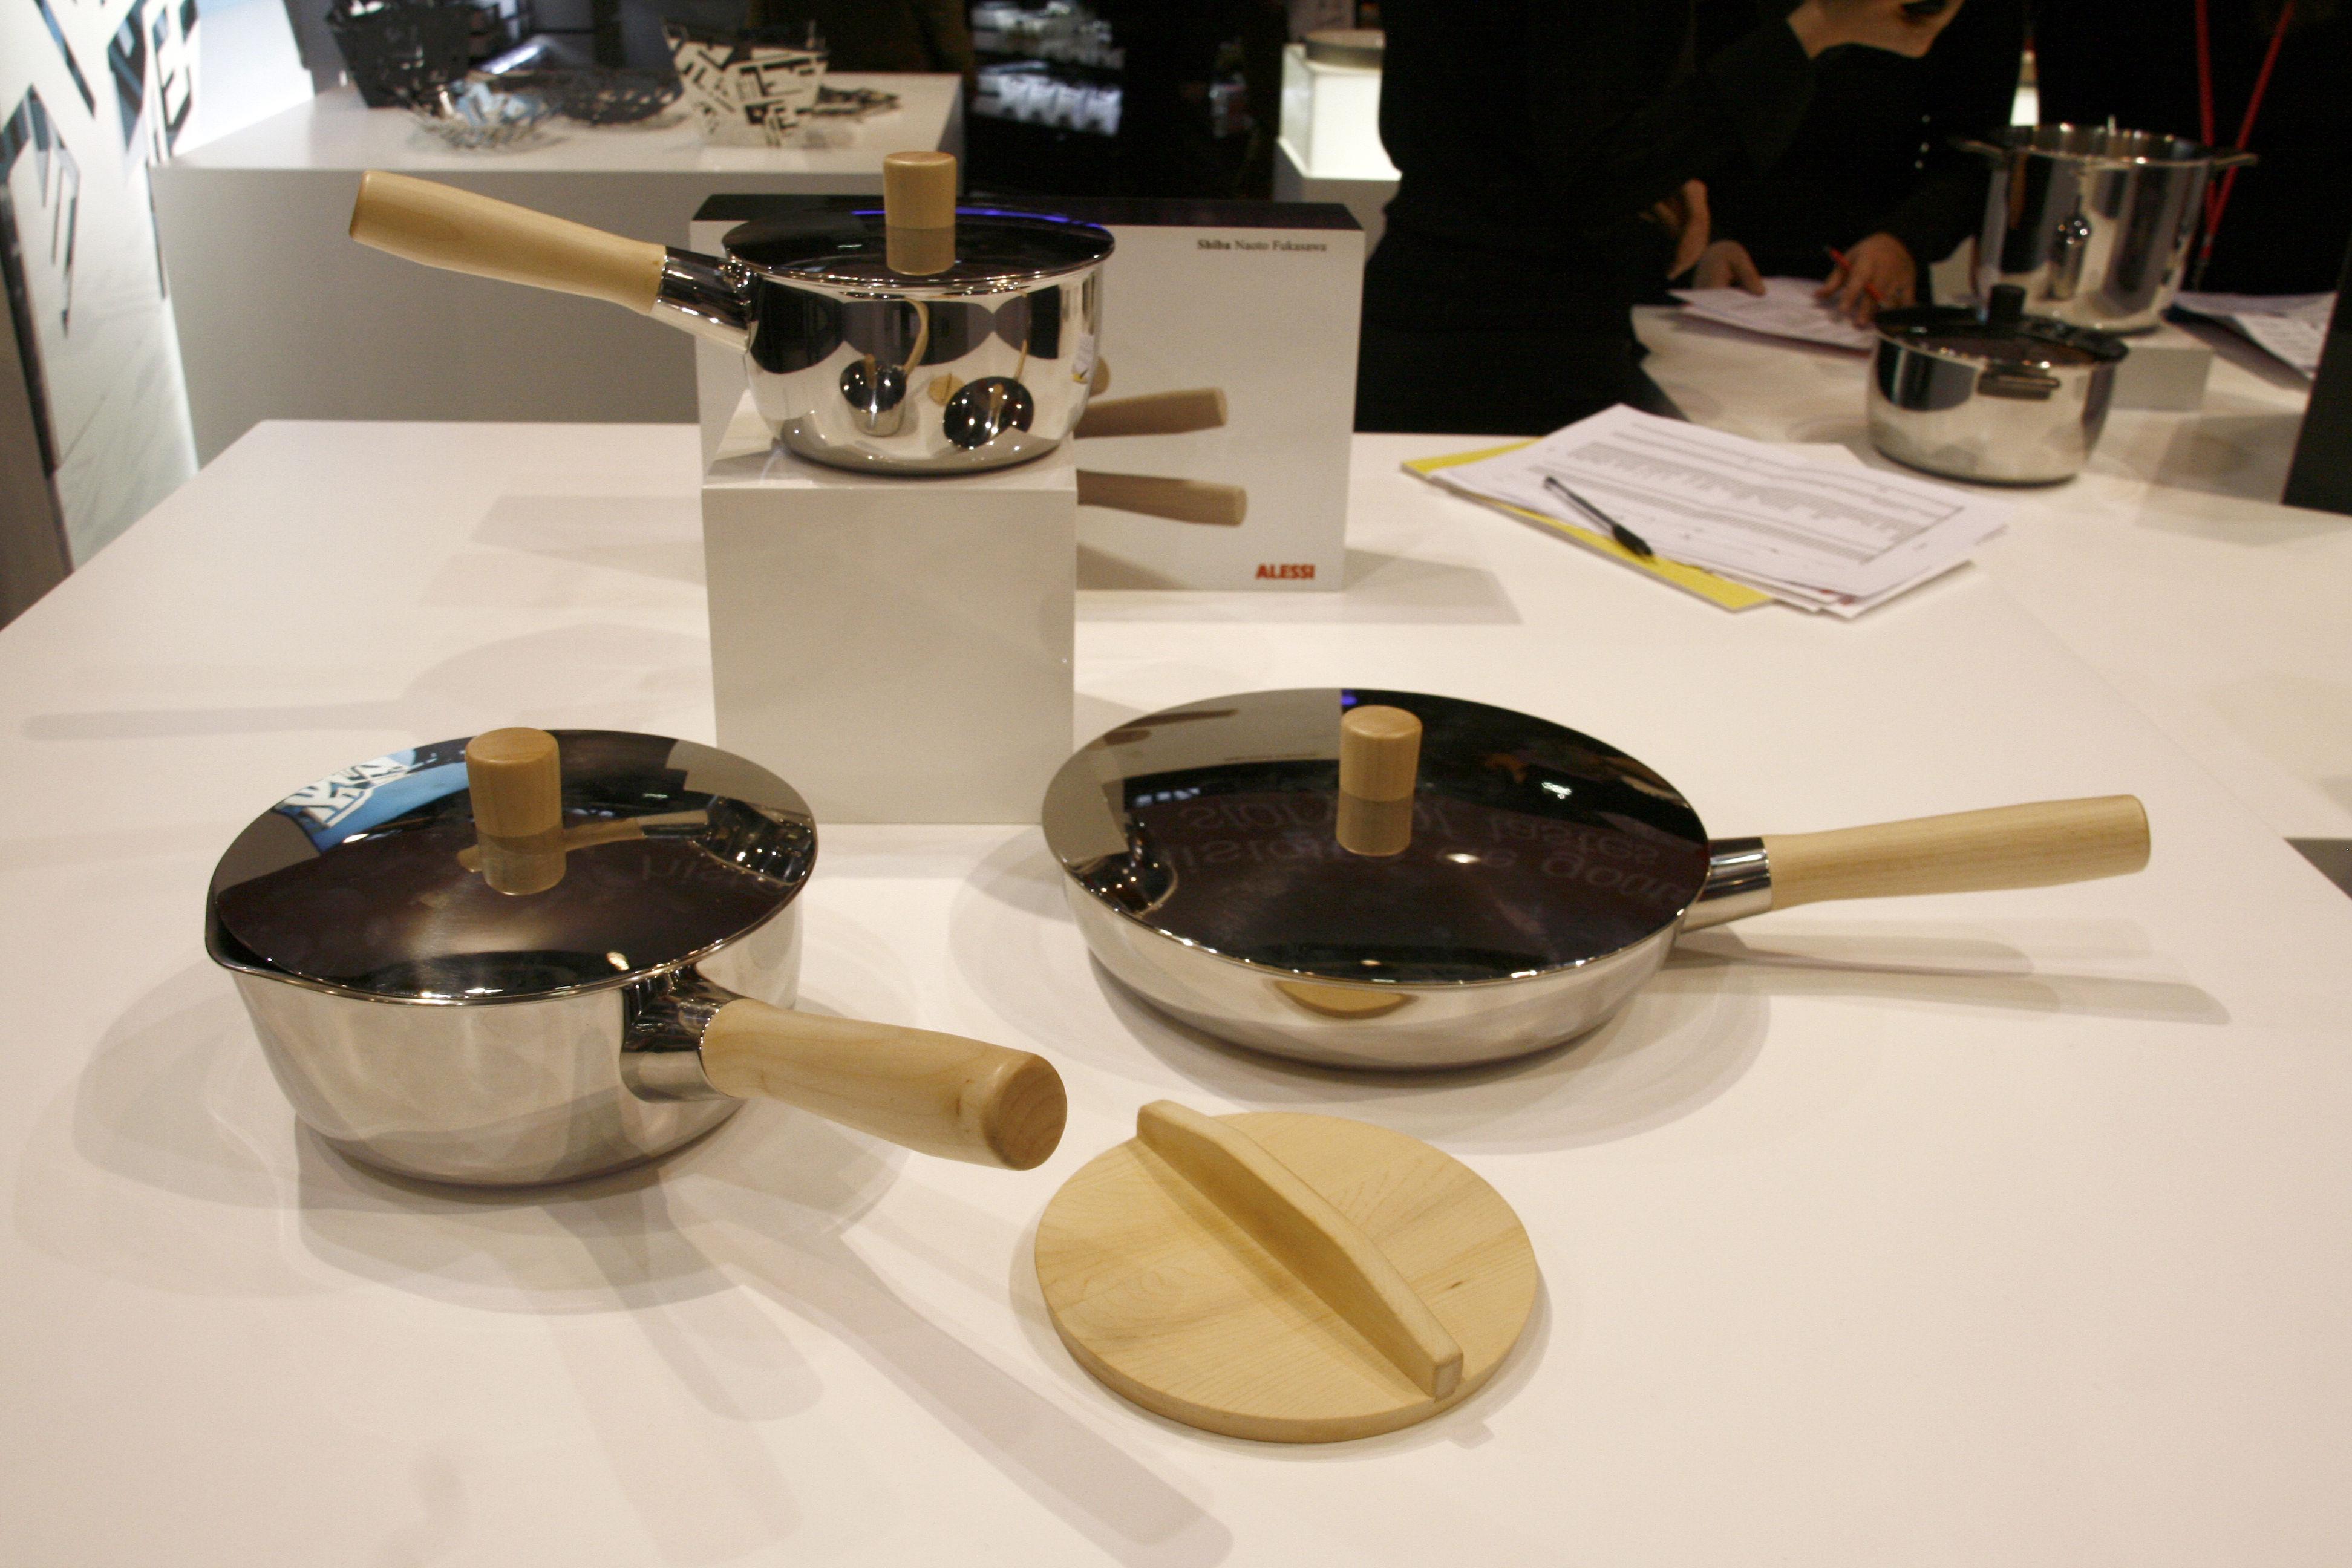 Casserole shiba 15 cm avec couvercle 15 cm acier Porte couvercle casserole